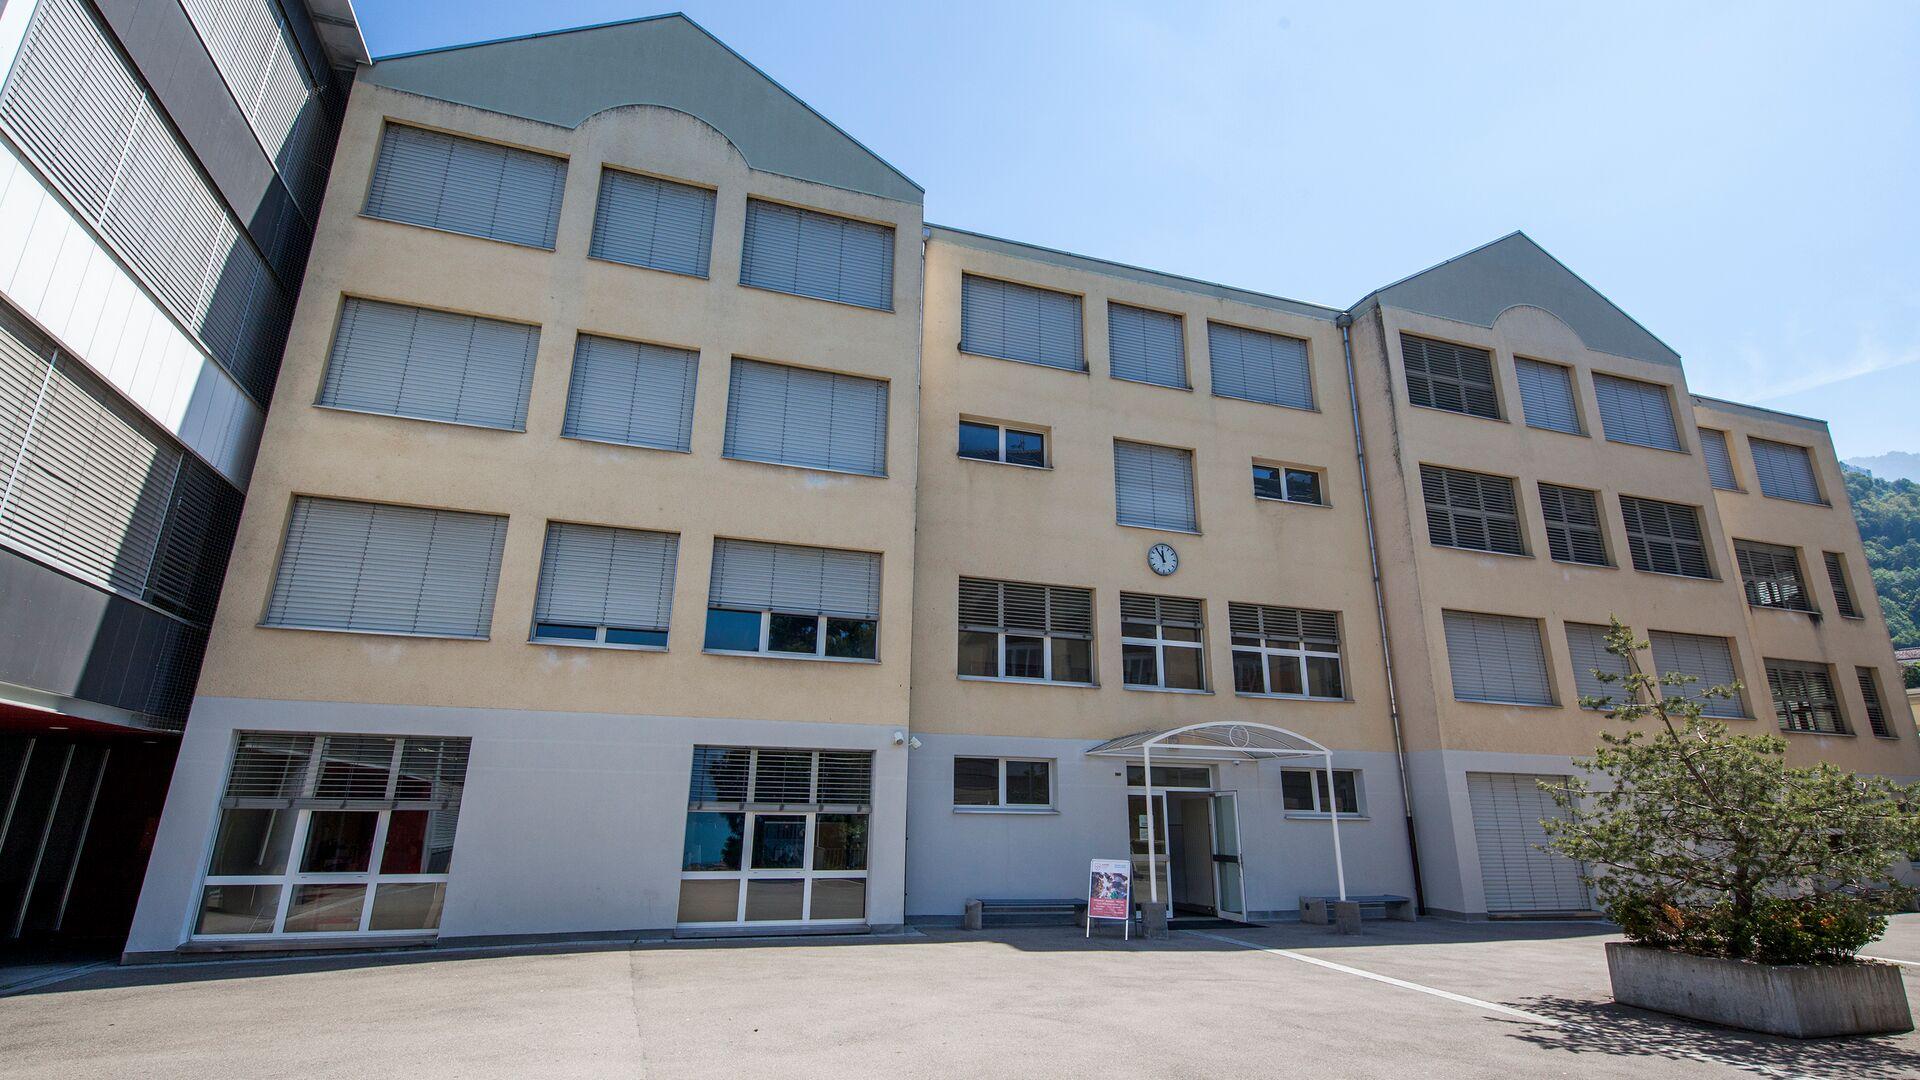 Sprachaufenthalt Schweiz, Montreux - Alpadia Language School Montreux Riviera - Schule